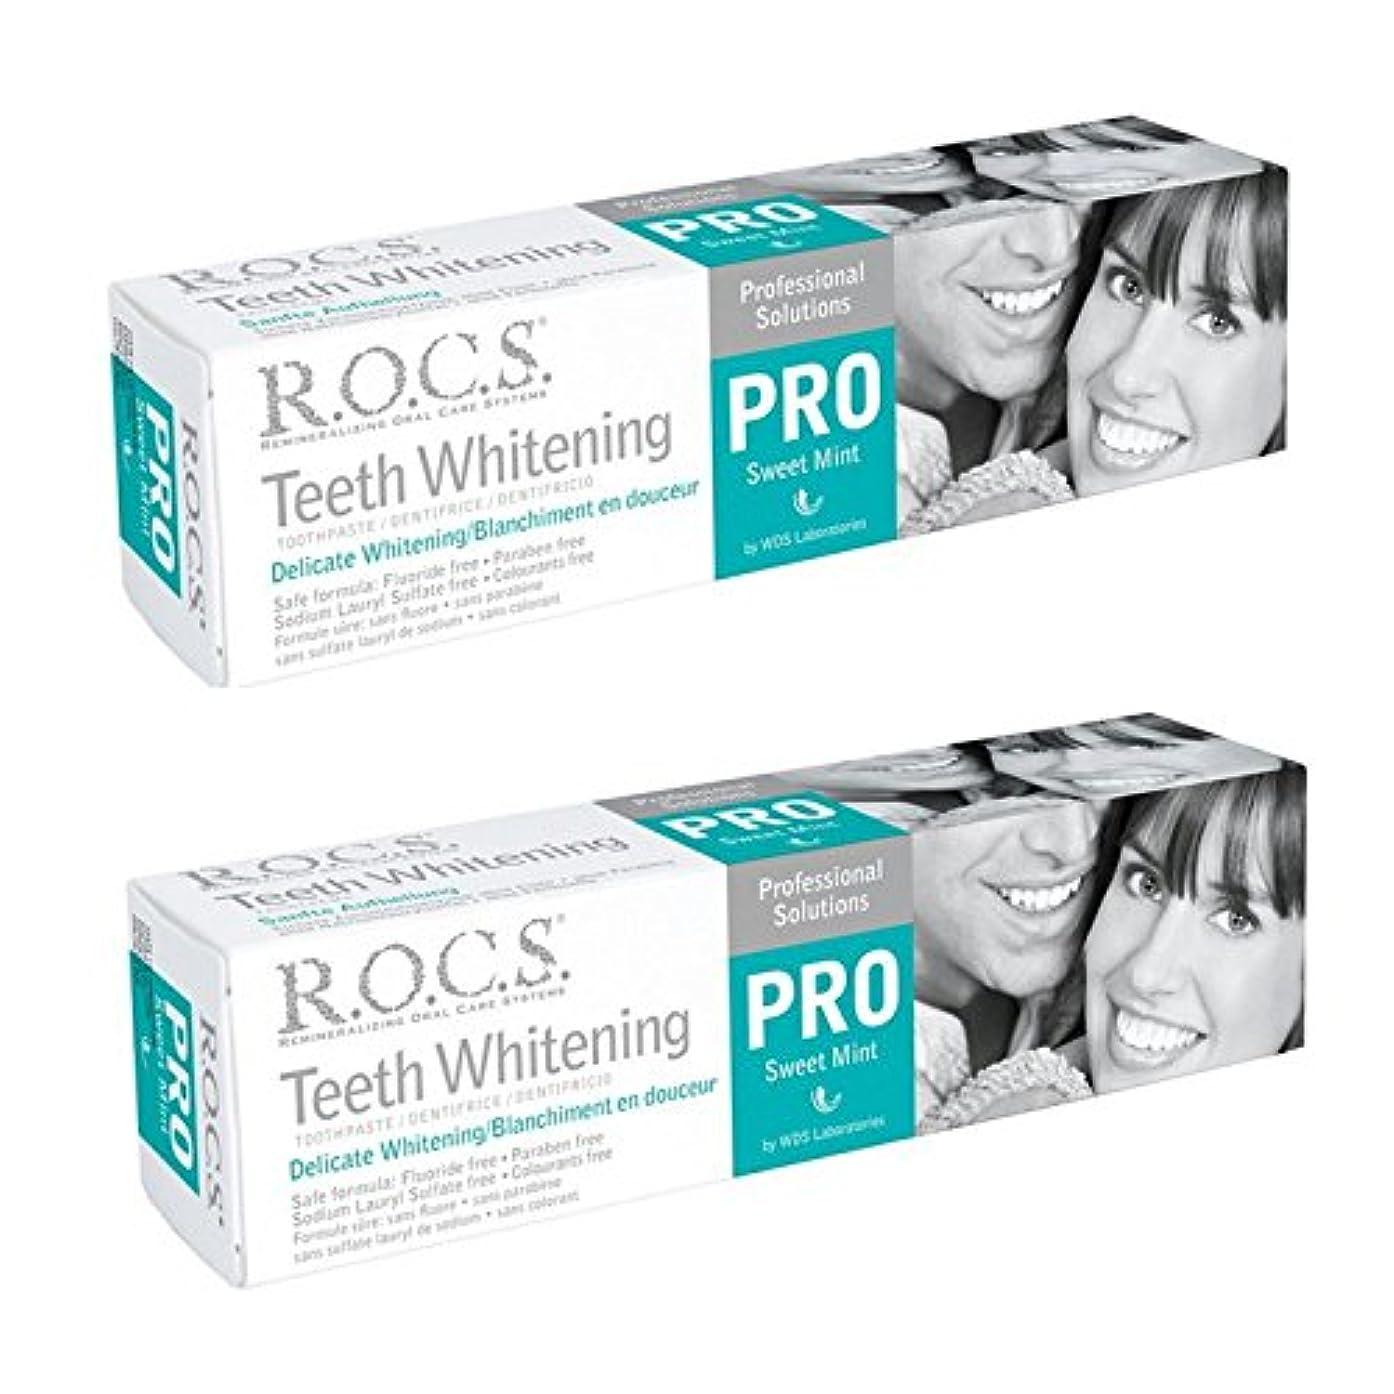 誰反対誘惑するR.O.C.S.(ロックス) プロ デリケート ホワイトニング スイートミント (2箱セット)